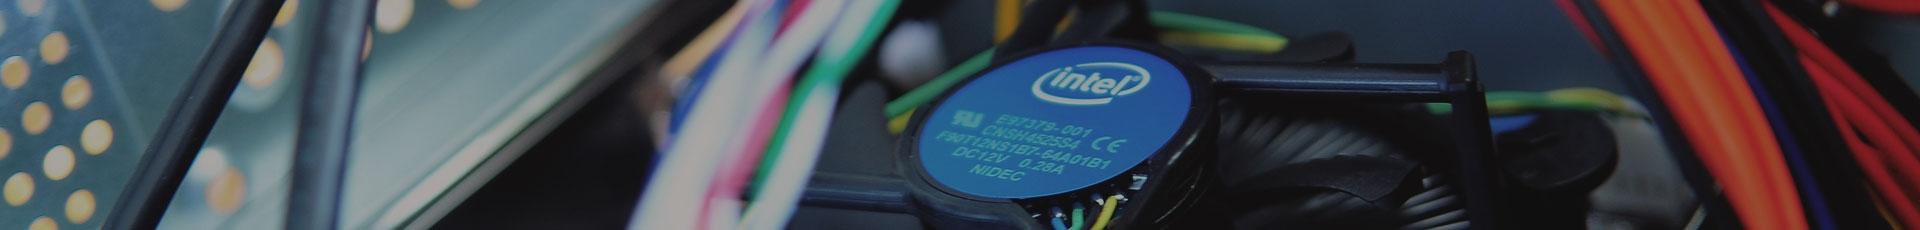 Ανεμυστήρες PC έως 60% έκπτωση